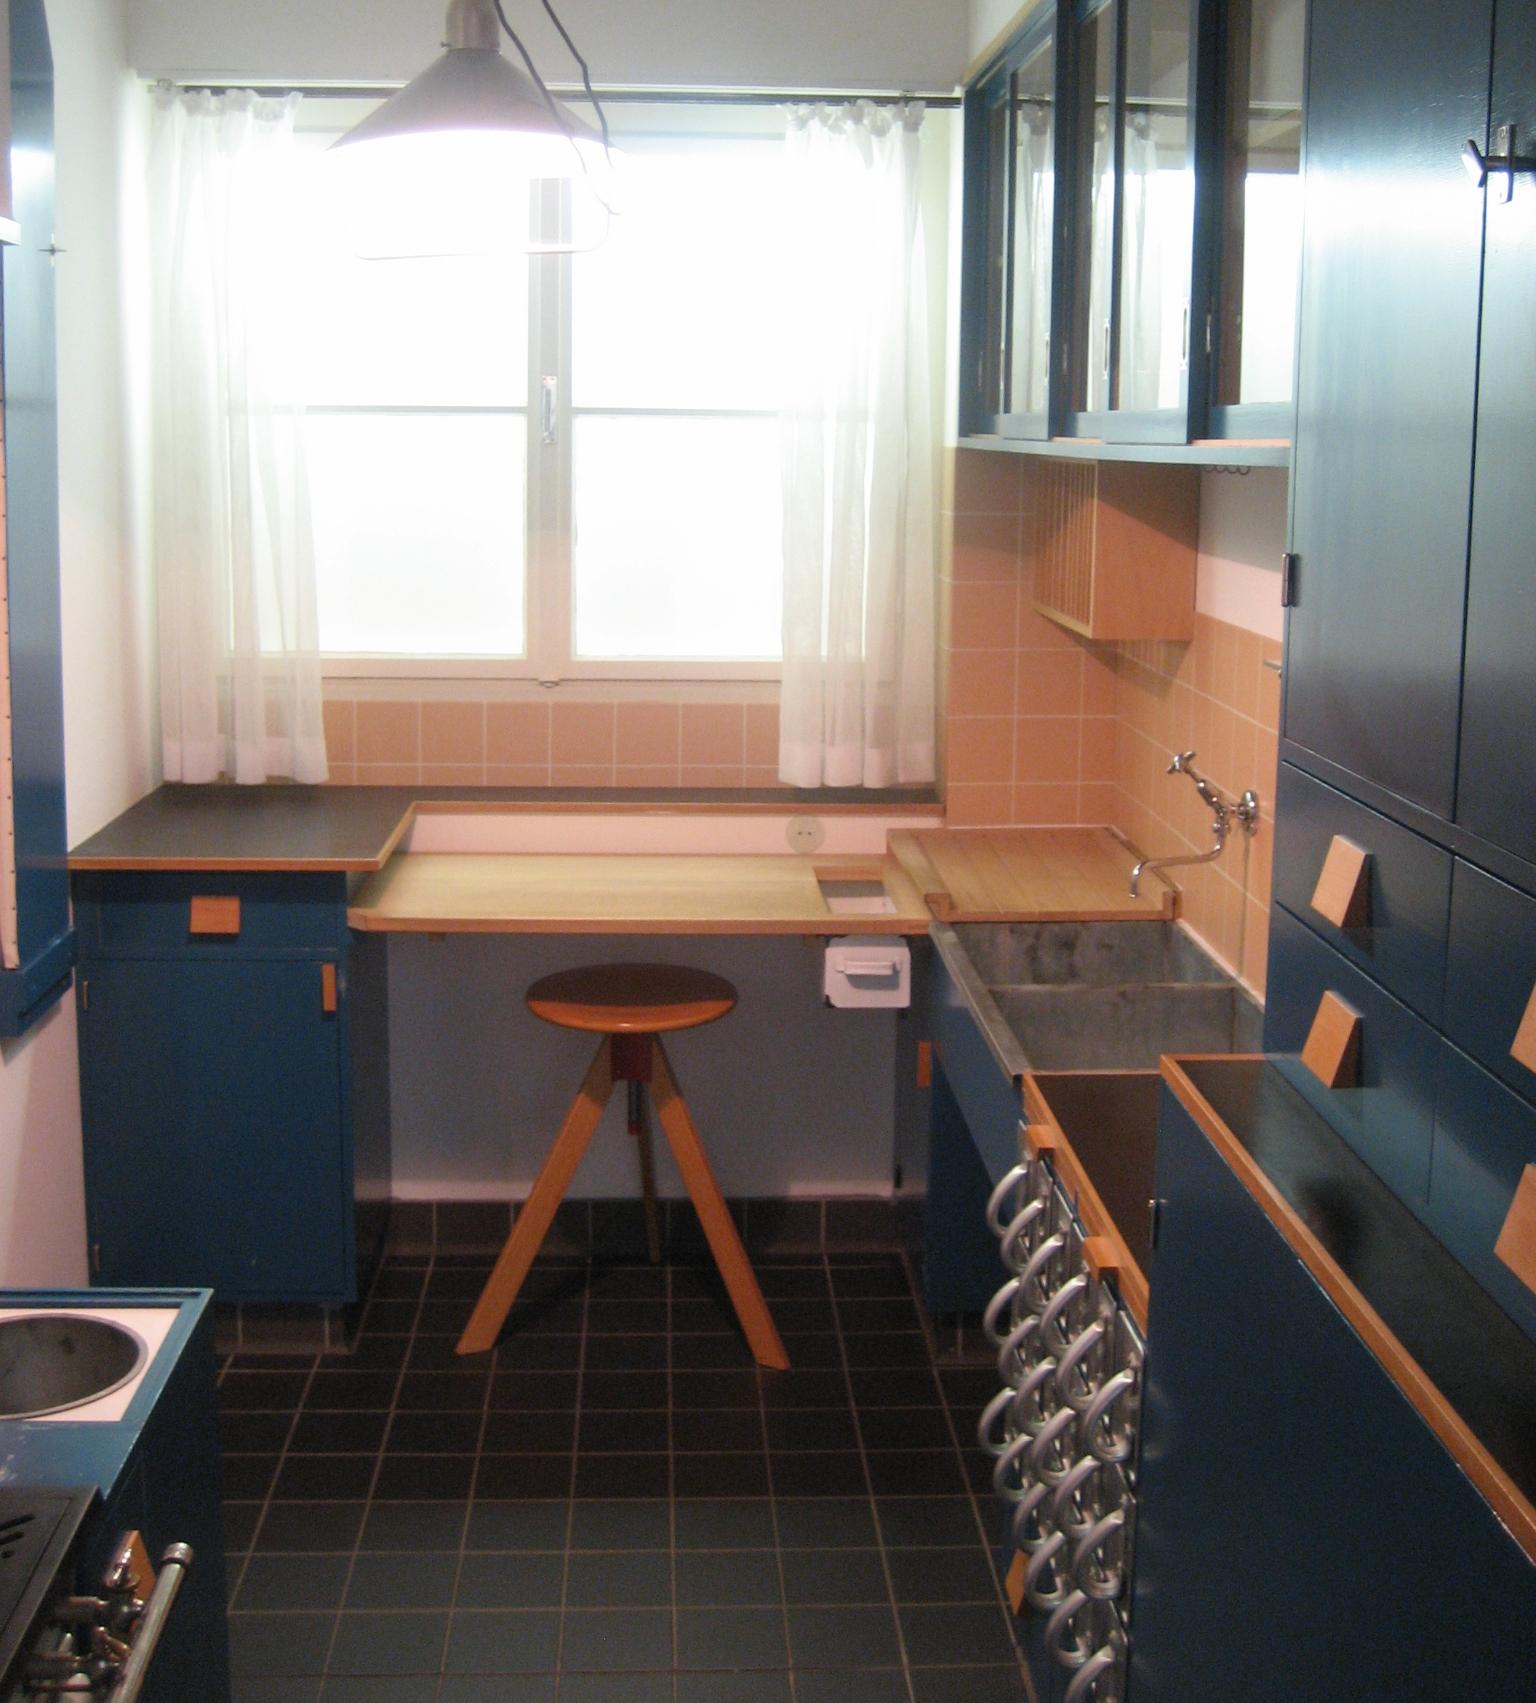 Kuchnia frankfurcka to najbardziej znany projekt Lihotzky. Na zdjęciu rekonstrukcja w Muzeum Sztuki Stosowanej w Wiedniu (fot. commons.wikimedia.org)